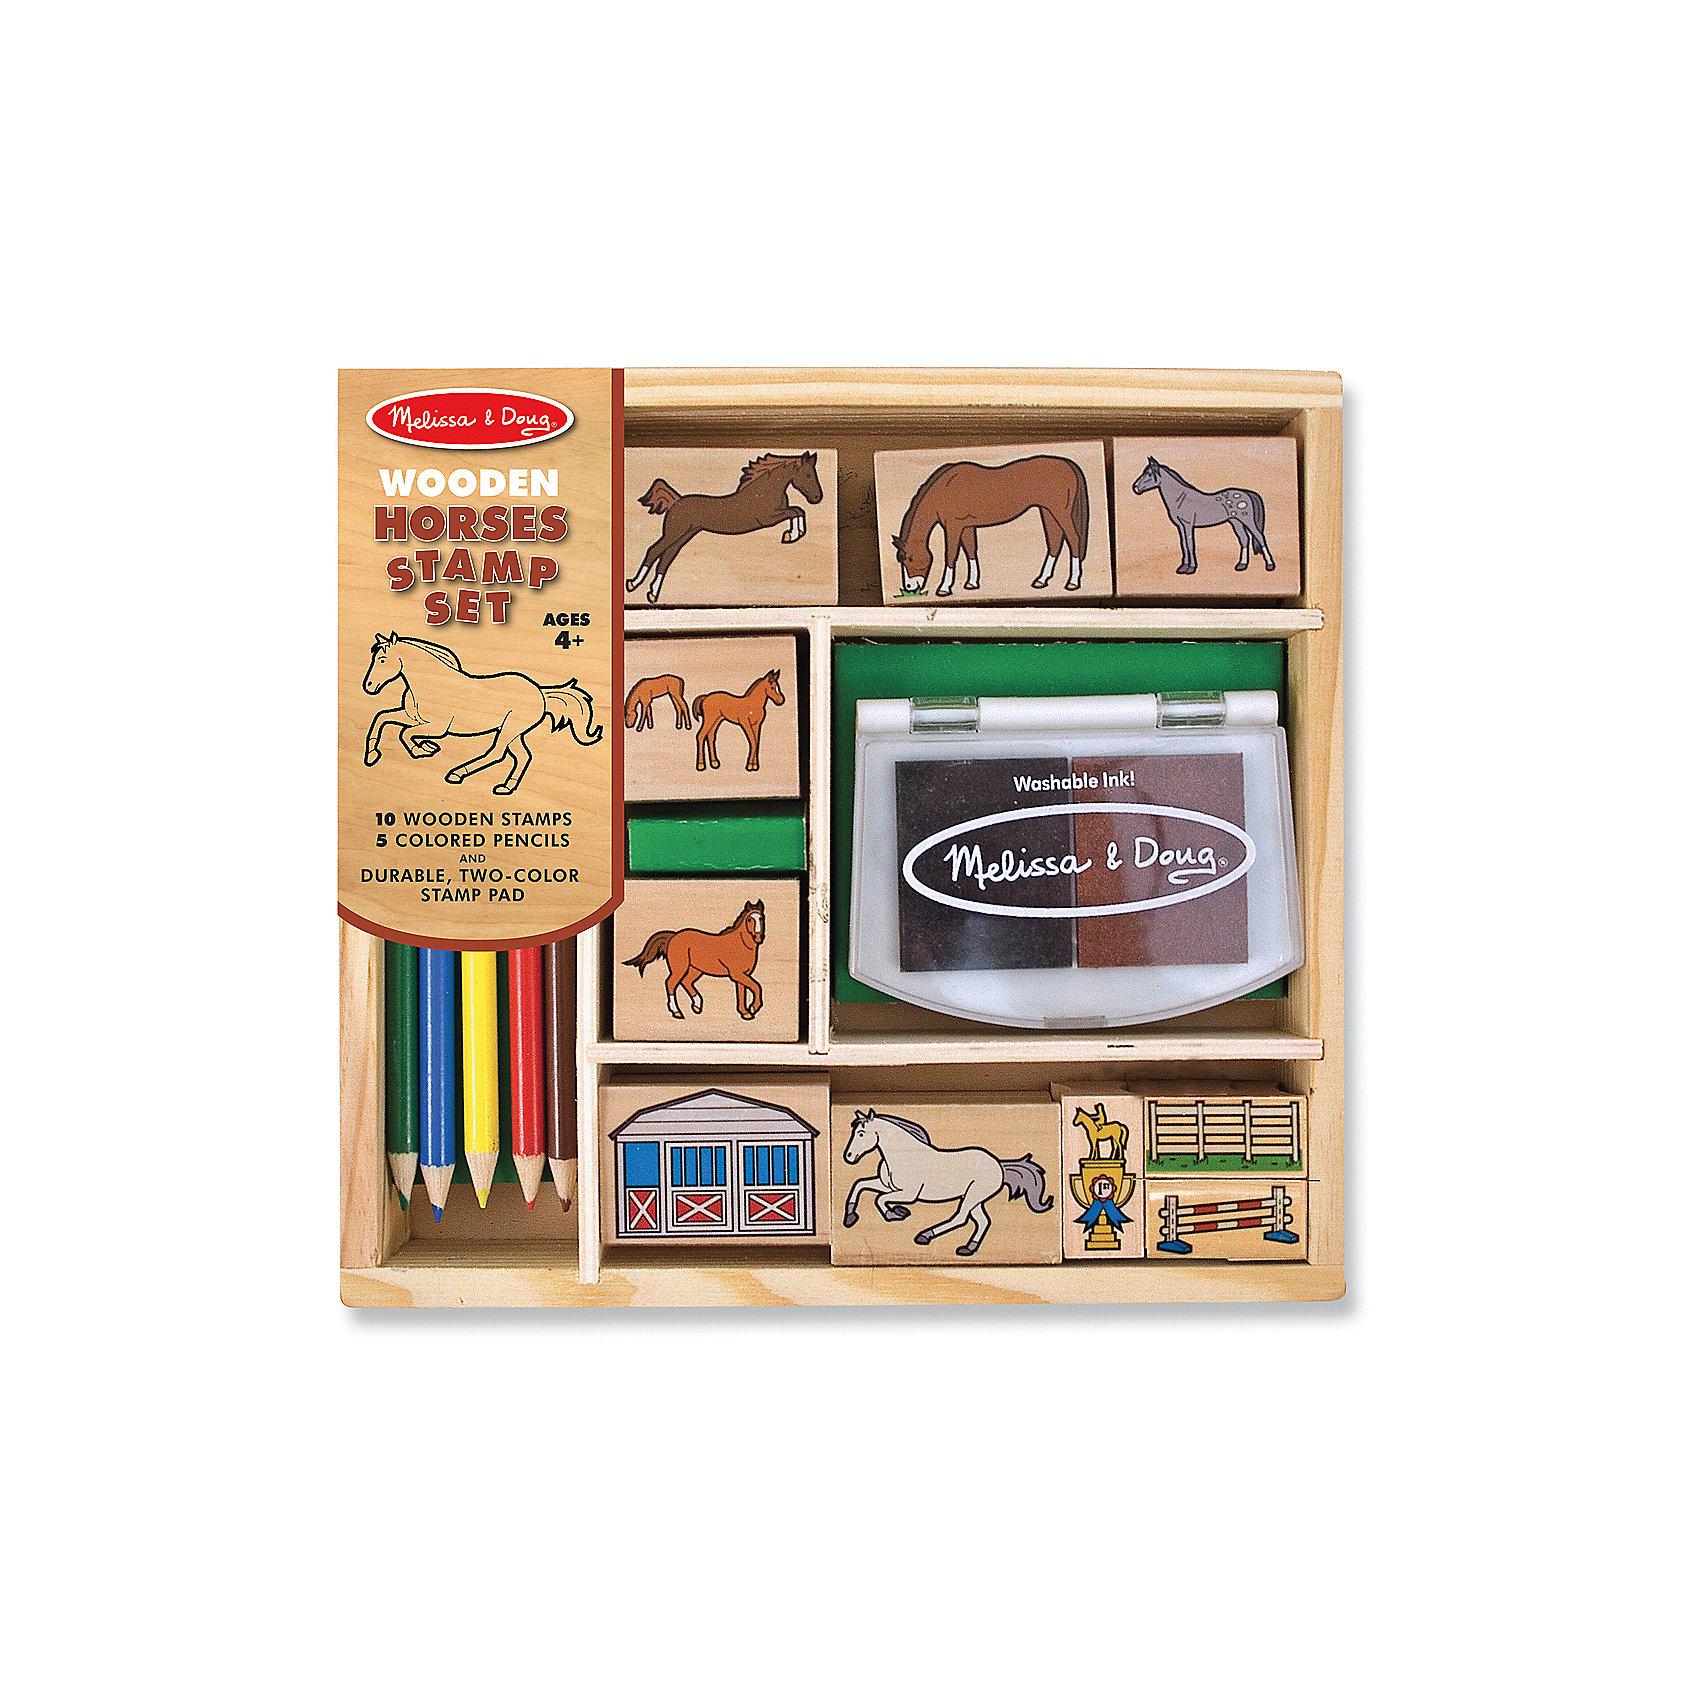 Набор печатей ЛошадиТакой набор печатей - это отличный вариант подарка ребенку, который одновременно и развлечет малыша, и позволит ему развивать важные навыки. Игра с печатями способствует развитию у малышей мелкой моторики, цветовосприятия, художественного вкуса, внимания и воображения. <br>В набор входит нетоксичная штемпельная подушечка, десять печатей с разными картинками - они особенно понравятся любителям лошадей. Также в наборе есть цветные карандаши. Набор отличается удобной упаковкой, простотой использования и отличным качеством исполнения. <br><br>Дополнительная информация:<br><br>комплектация: карандаши пять цветов, штемпельная подушка, 10 печатей;<br>упаковка: деревянный ящик.<br><br>Набор печатей Лошади от бренда Melissa&amp;Doug можно купить в нашем магазине.<br><br>Ширина мм: 220<br>Глубина мм: 40<br>Высота мм: 200<br>Вес г: 612<br>Возраст от месяцев: 48<br>Возраст до месяцев: 192<br>Пол: Унисекс<br>Возраст: Детский<br>SKU: 4993632